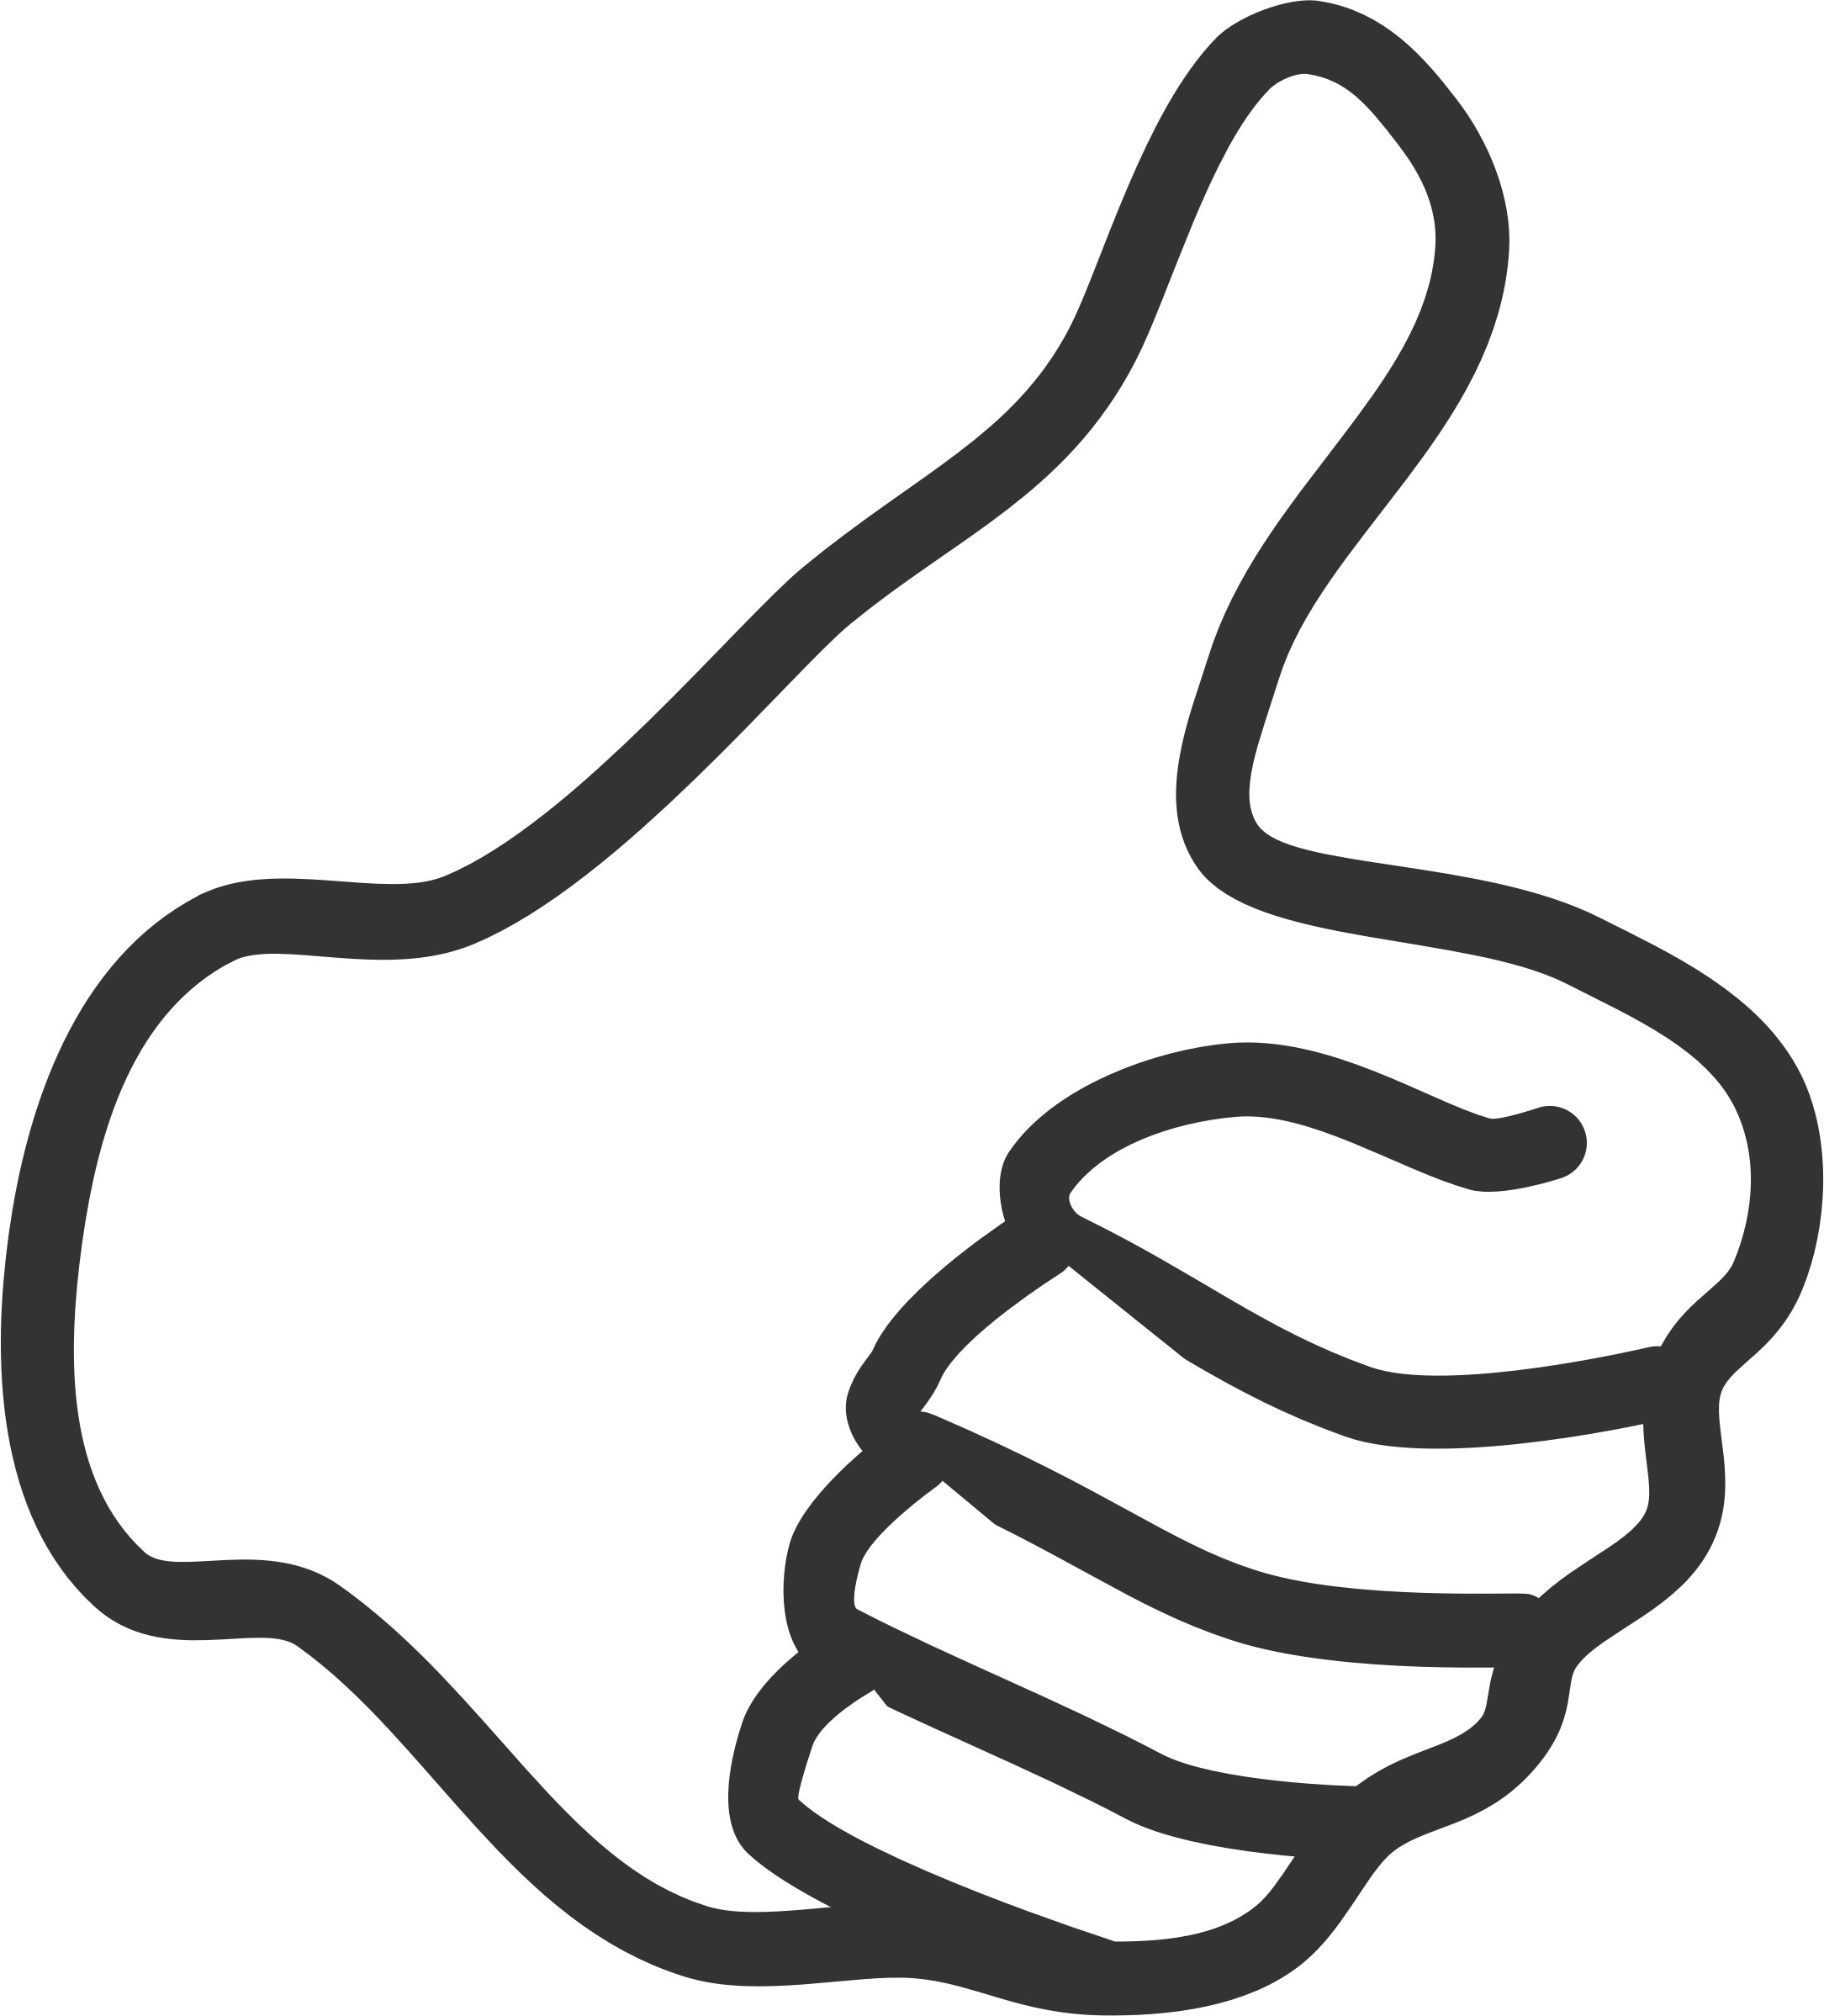 2169x2397 Thumbs Up Thumb Clip Art Clipart 2 2